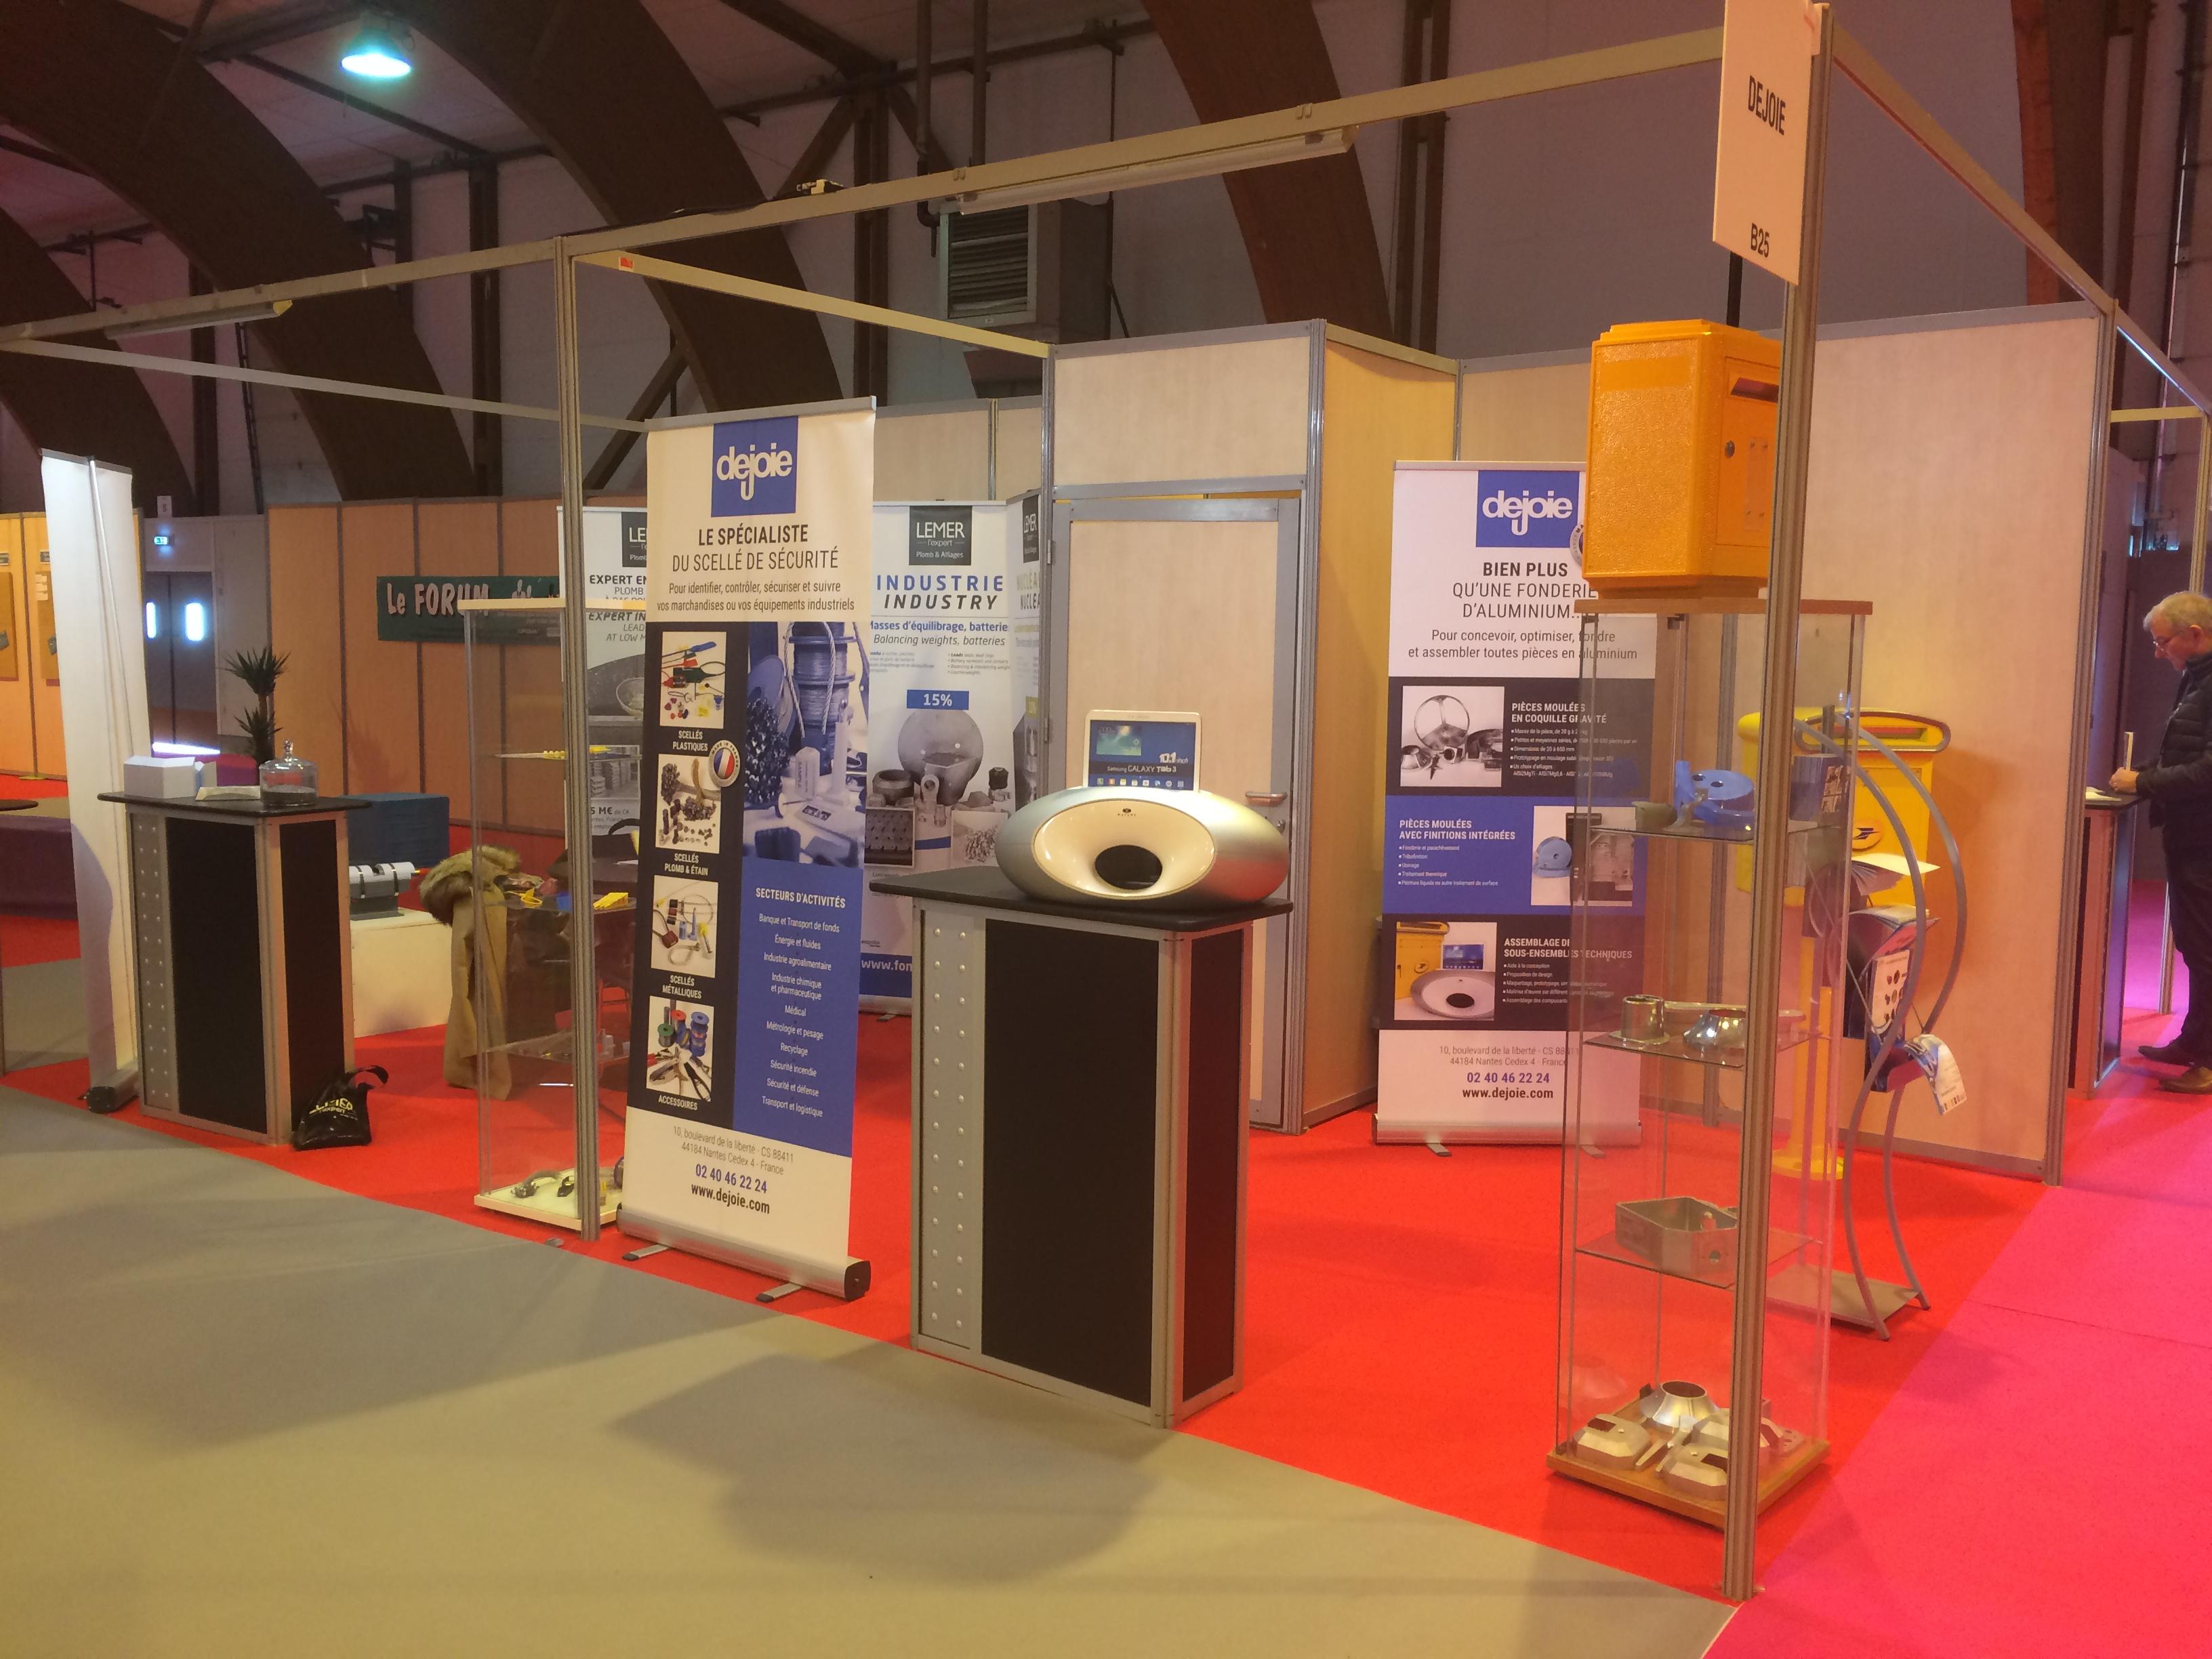 Dejoie -  ouest industries fair 2017